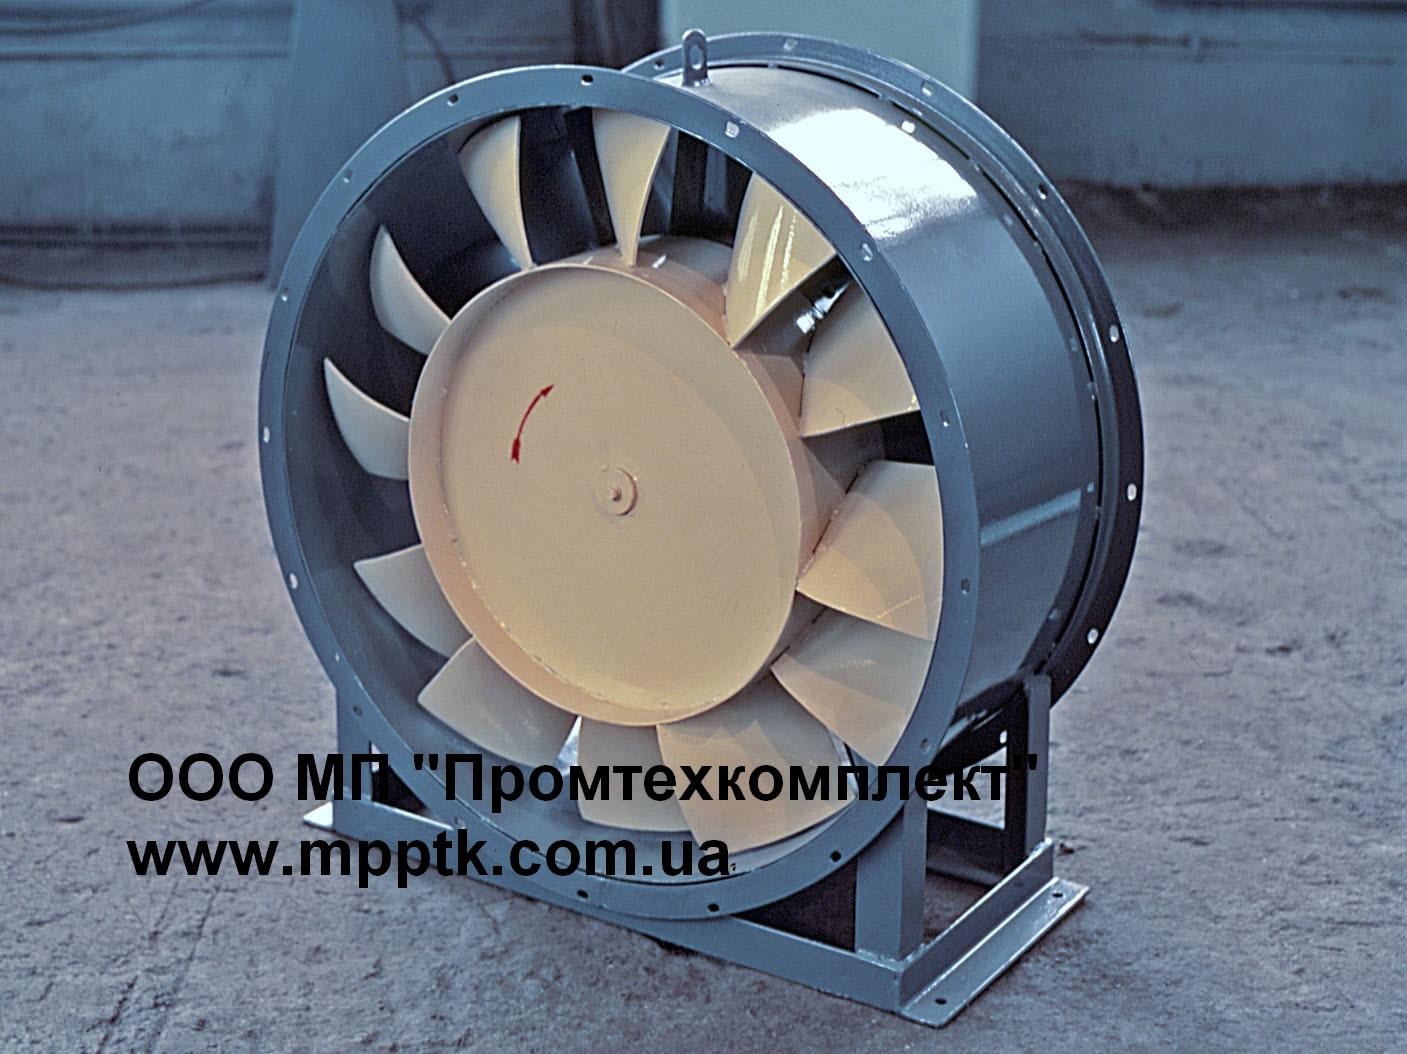 Вентилятор промышленный новый качество Промтехкомплект Украина